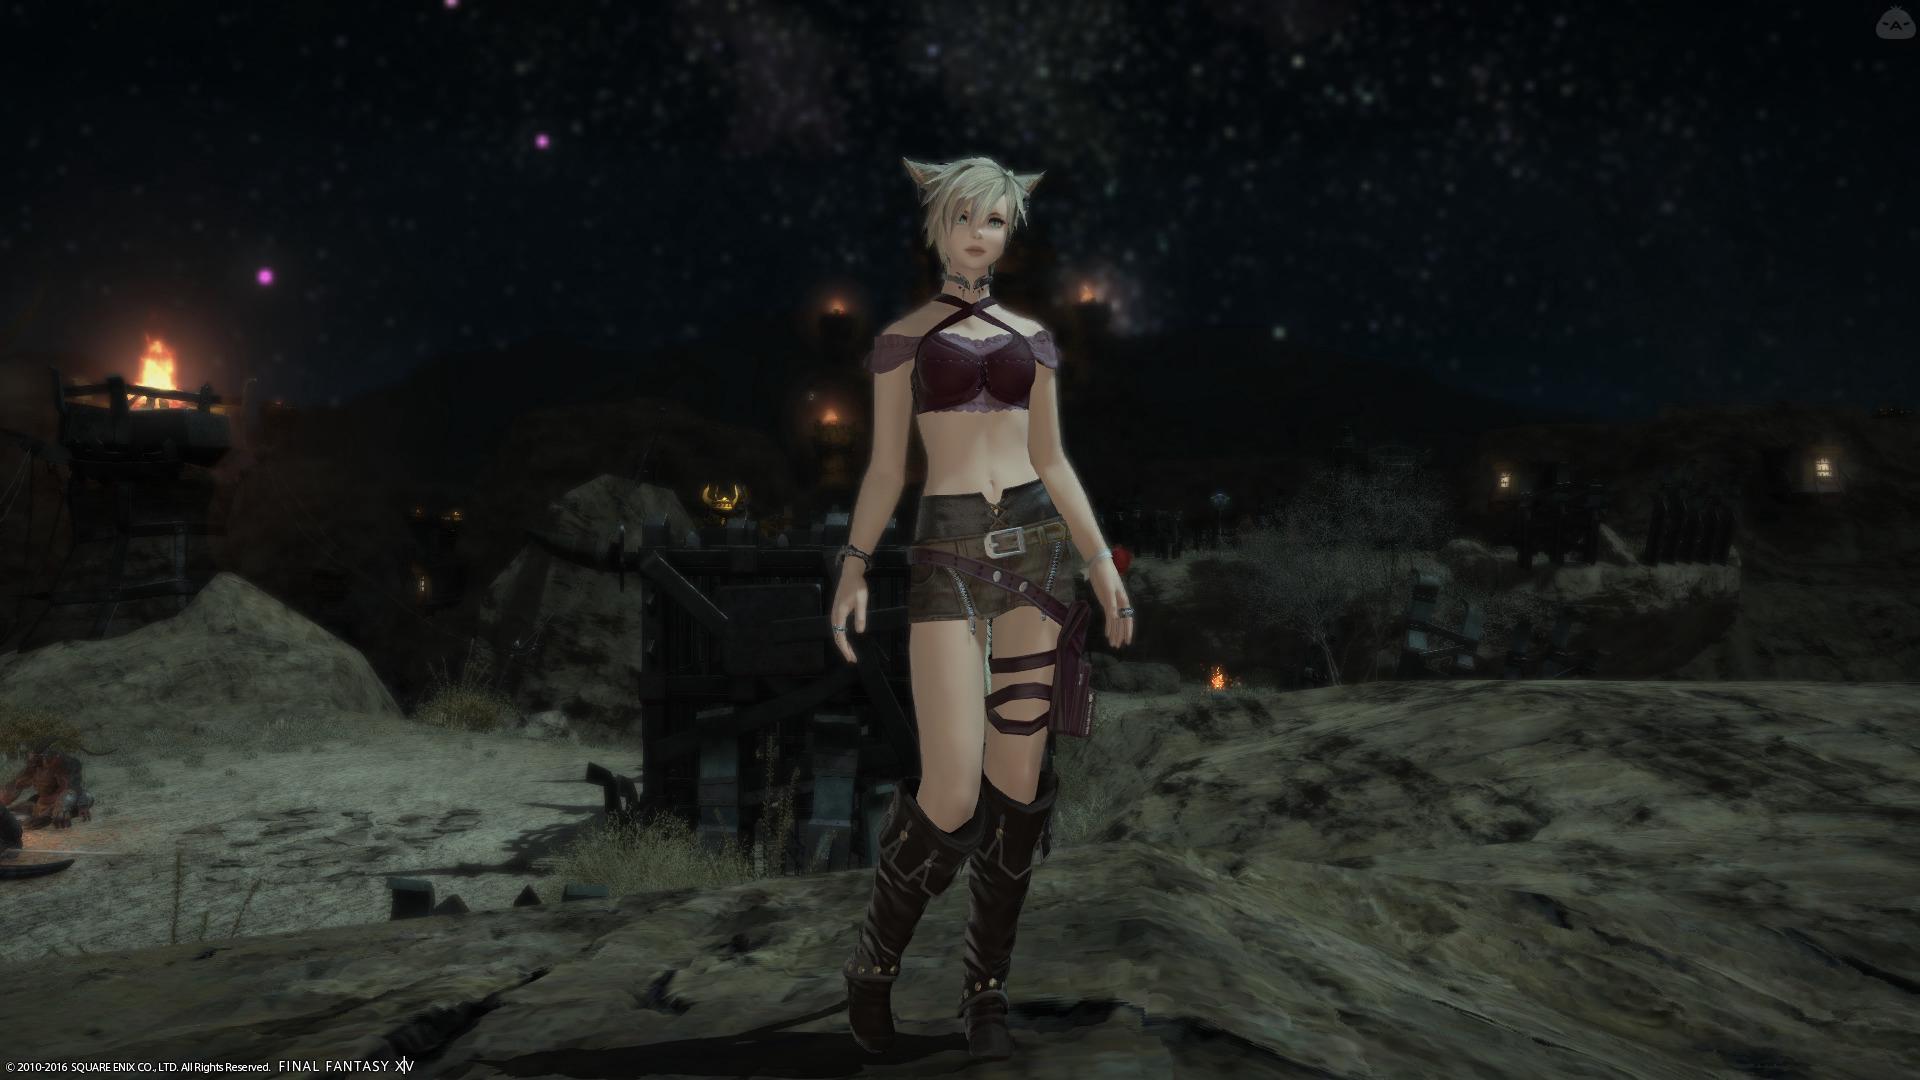 かっこかわいい戦闘服